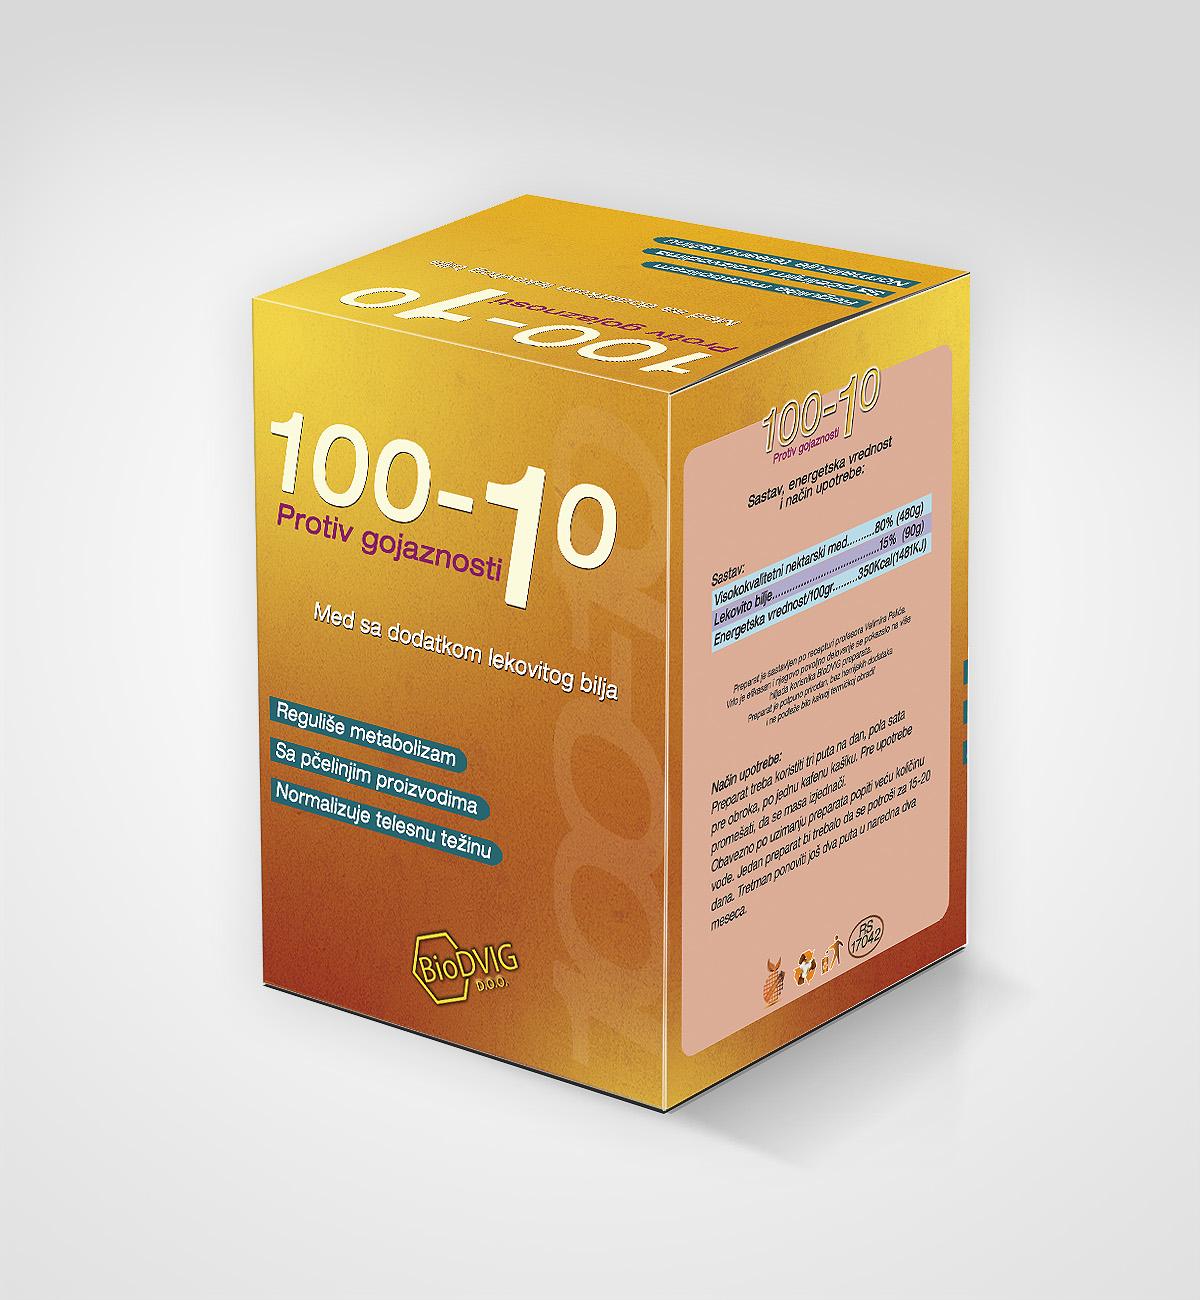 100-10 Biodvig DOO